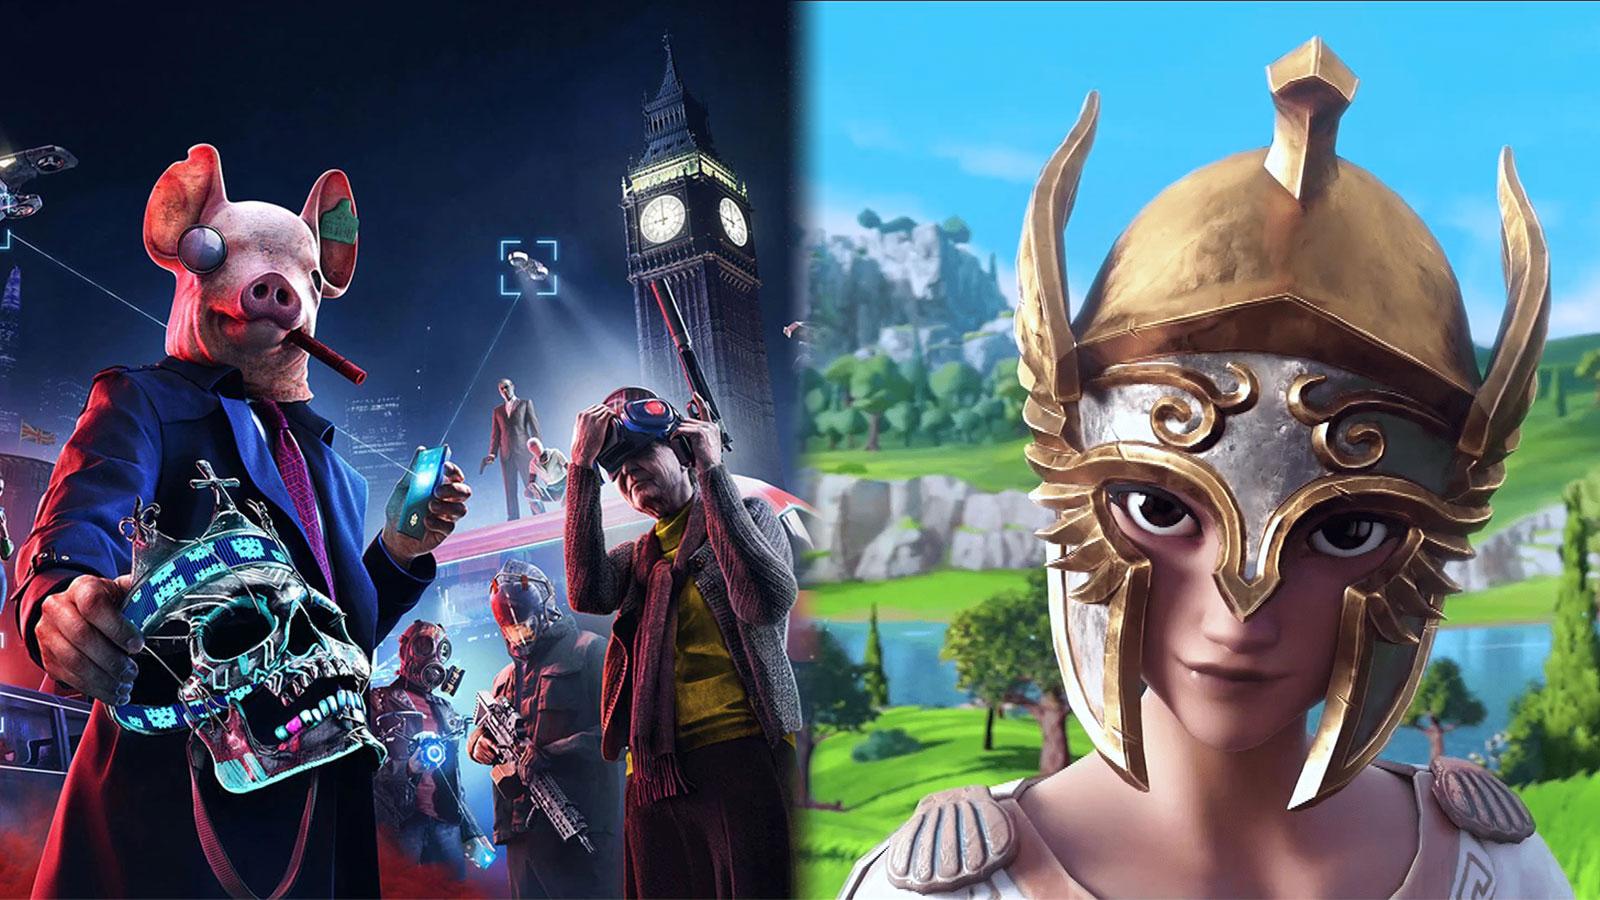 Ubisoft September forward event header